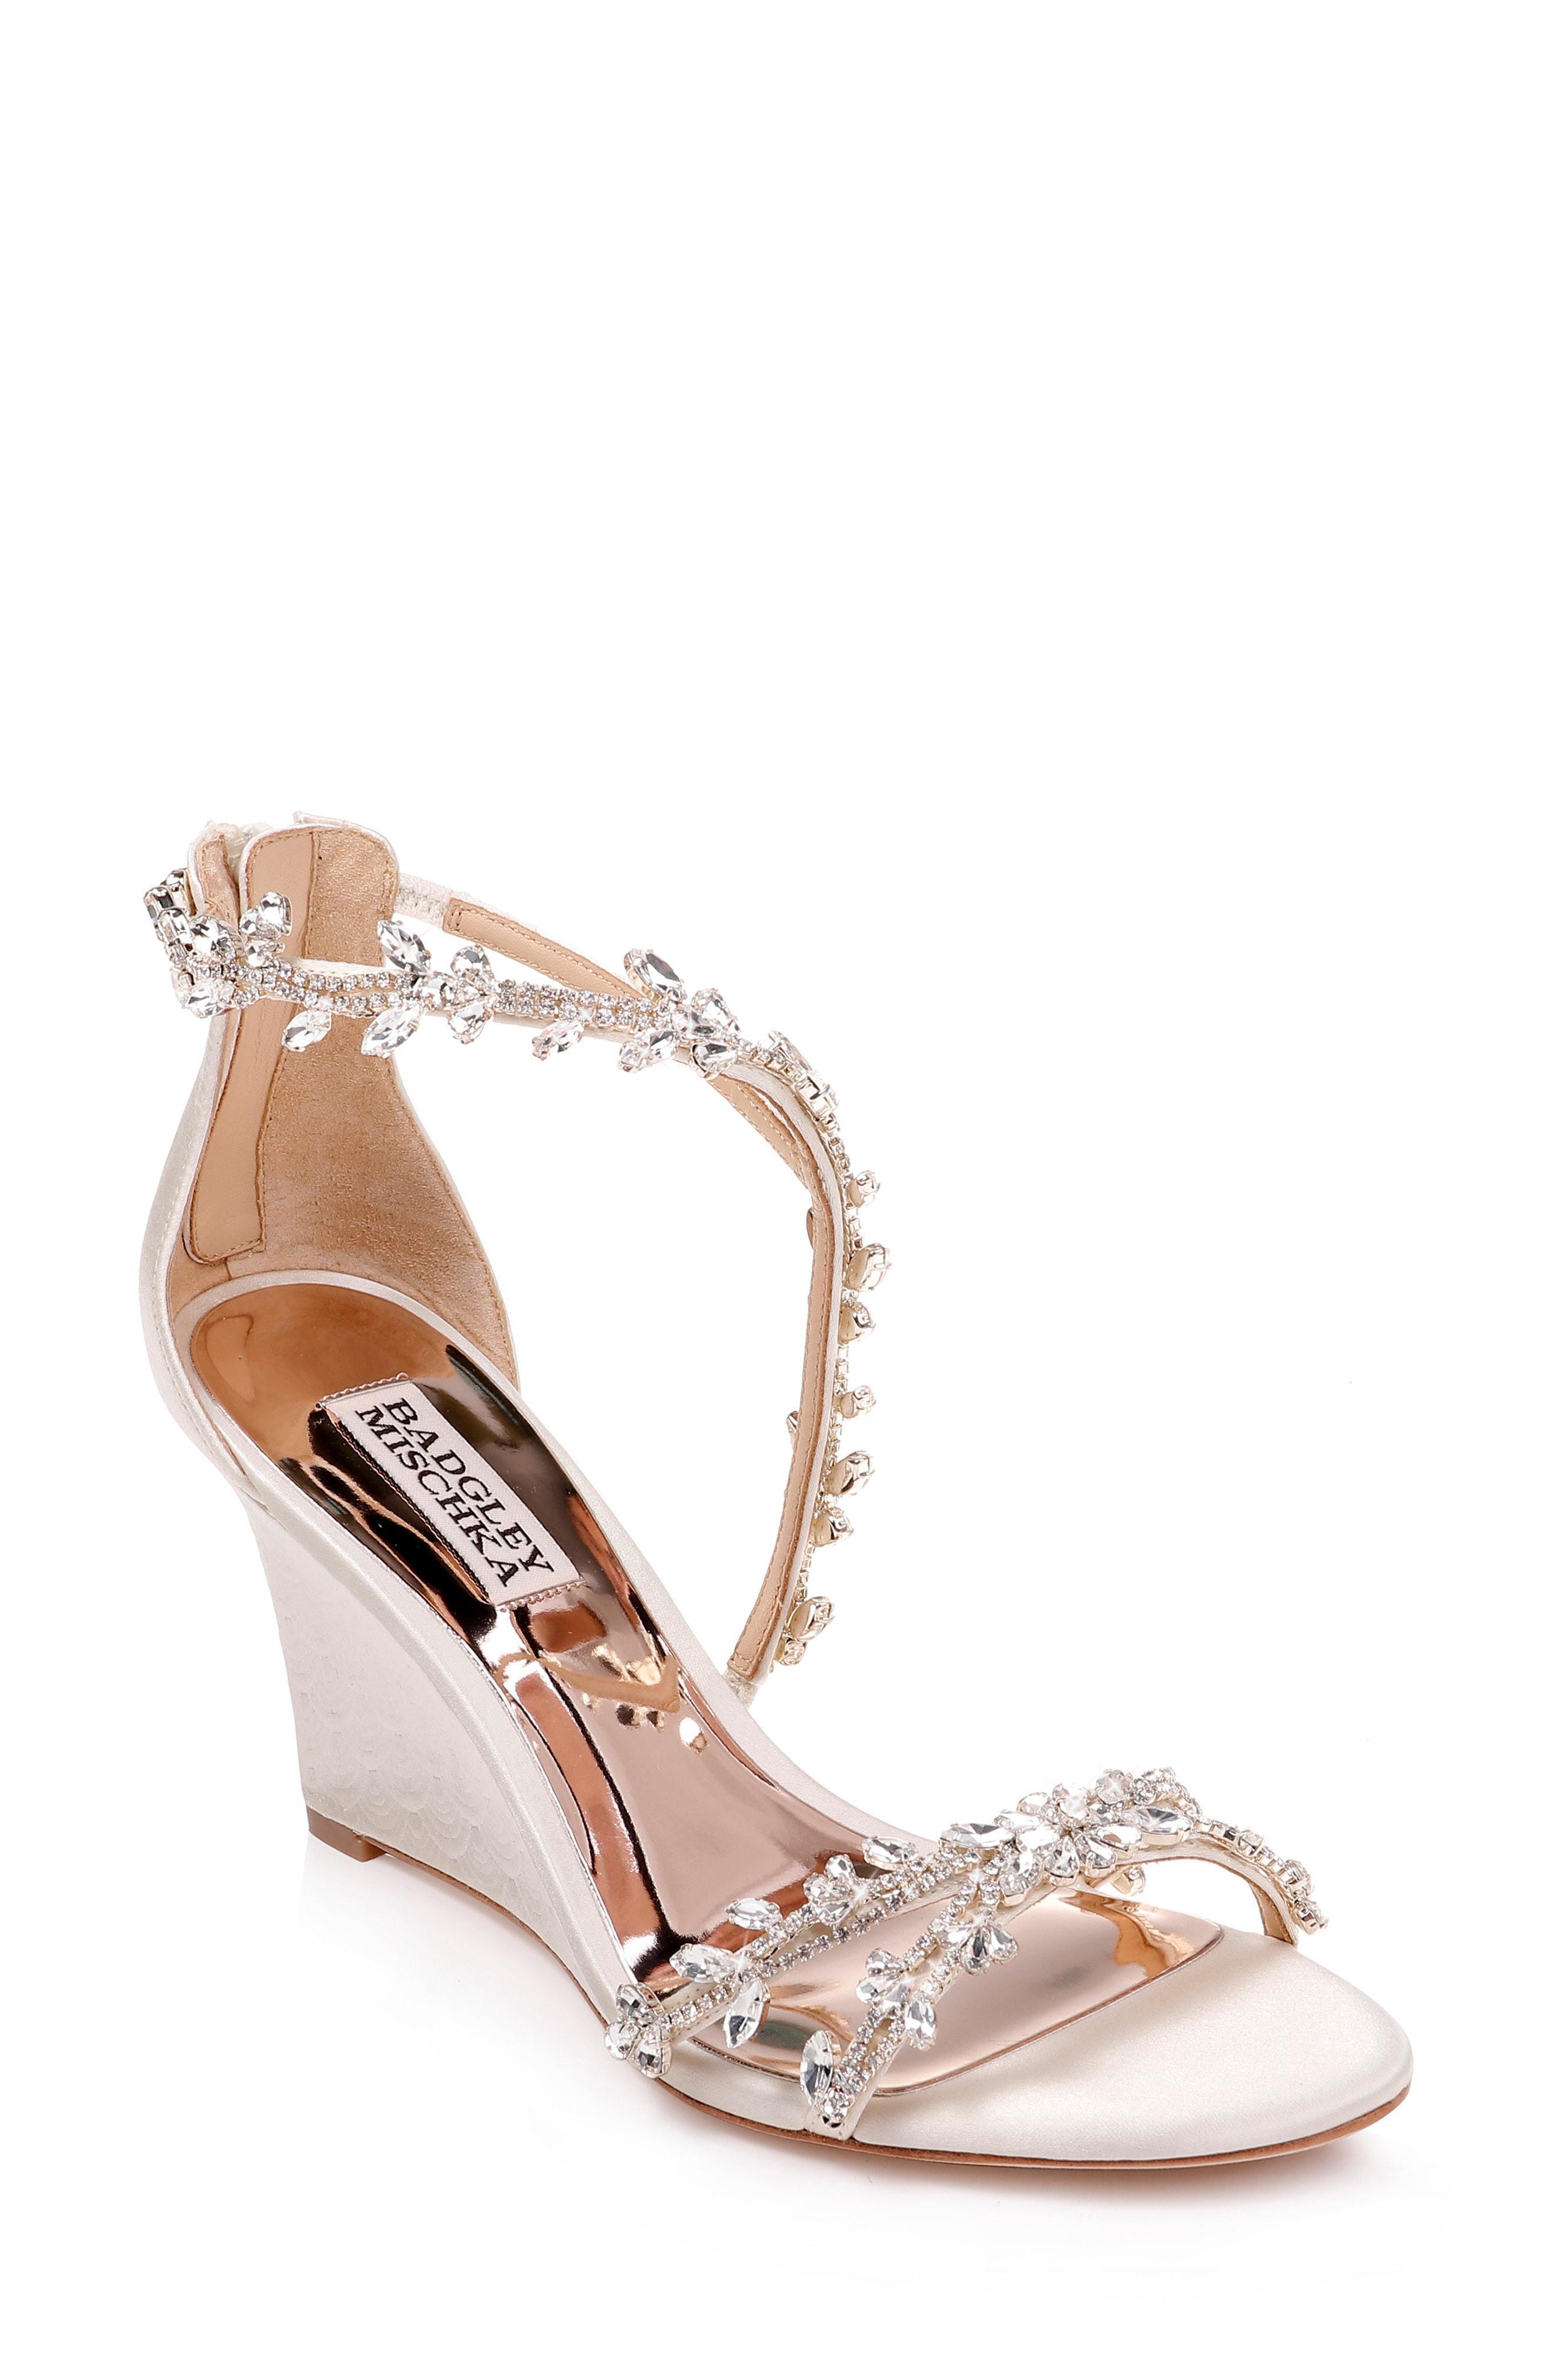 baab332f96279a Badgley Mischka. Women s Badgley Mischka Feather Crystal Embellished Wedge  Sandal